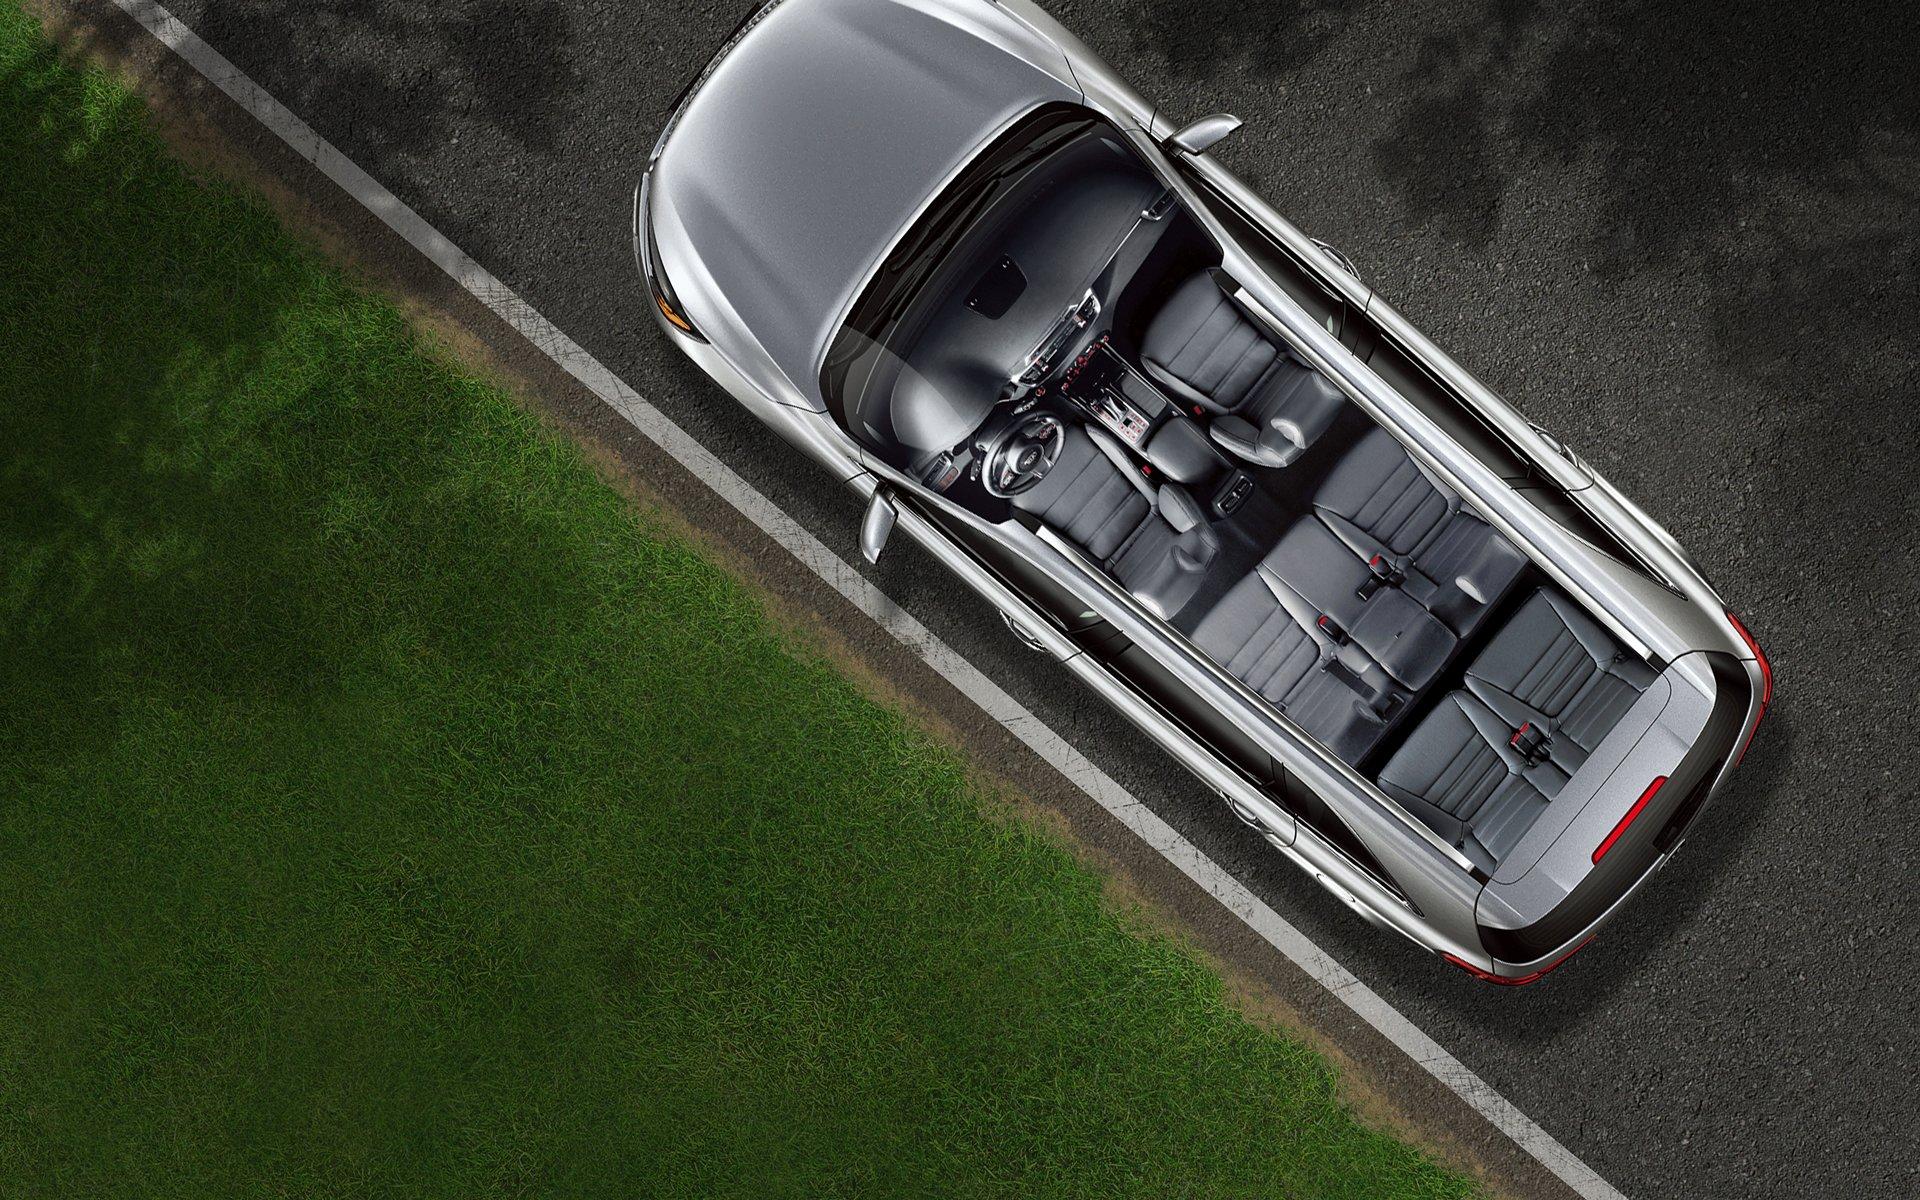 2016 Kia Sorento Electrical Wiring Diagram Auto Diagrams 2005 Dome Headlight 41 Images Sewacar Co